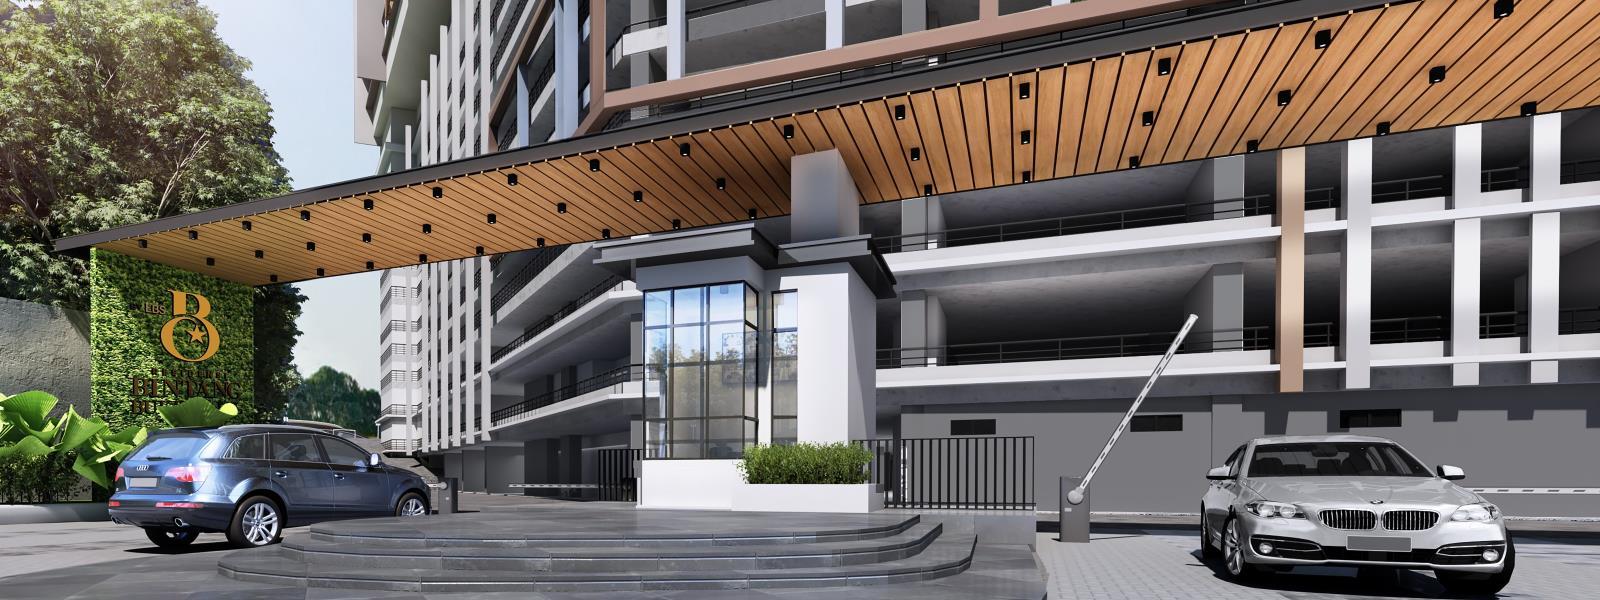 LBS Residensi Bintang Bukit Jalil